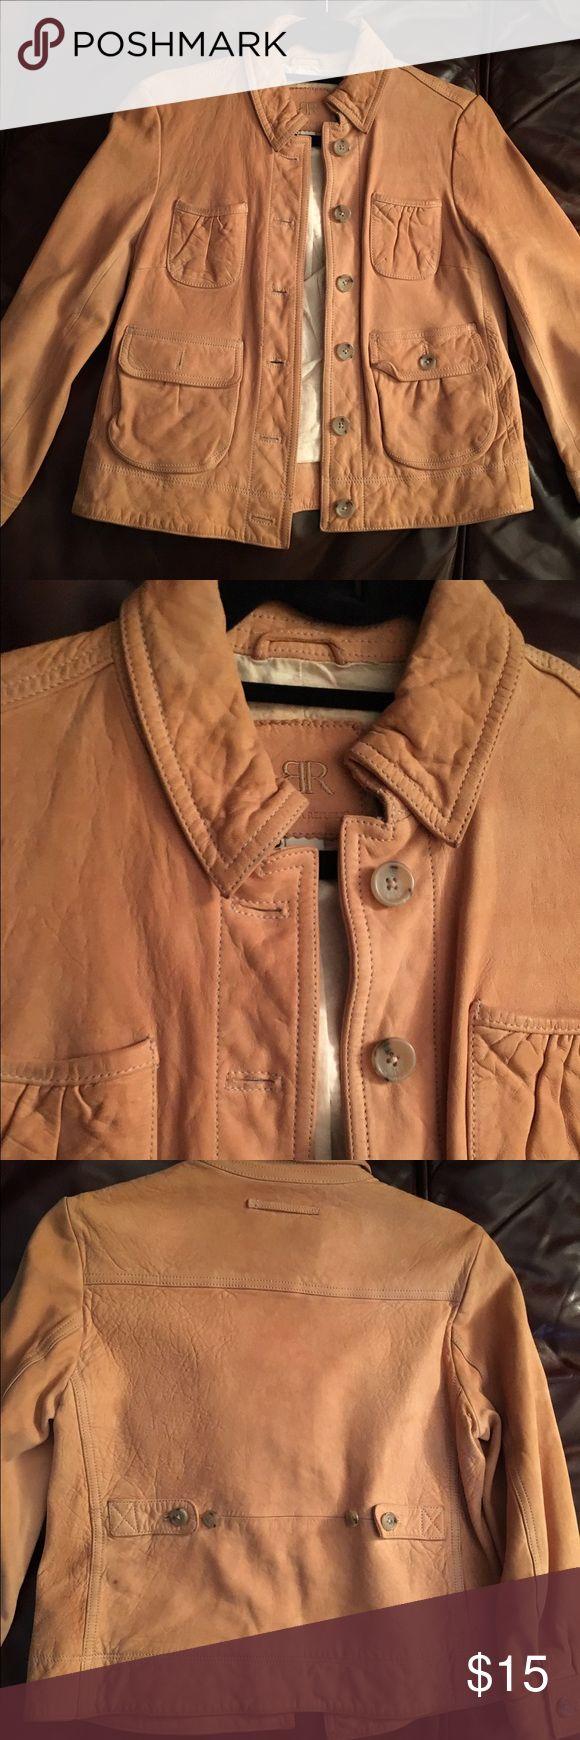 Banana republic tan leather jacket Banana republic tan leather jacket in good condition Banana Republic Jackets & Coats